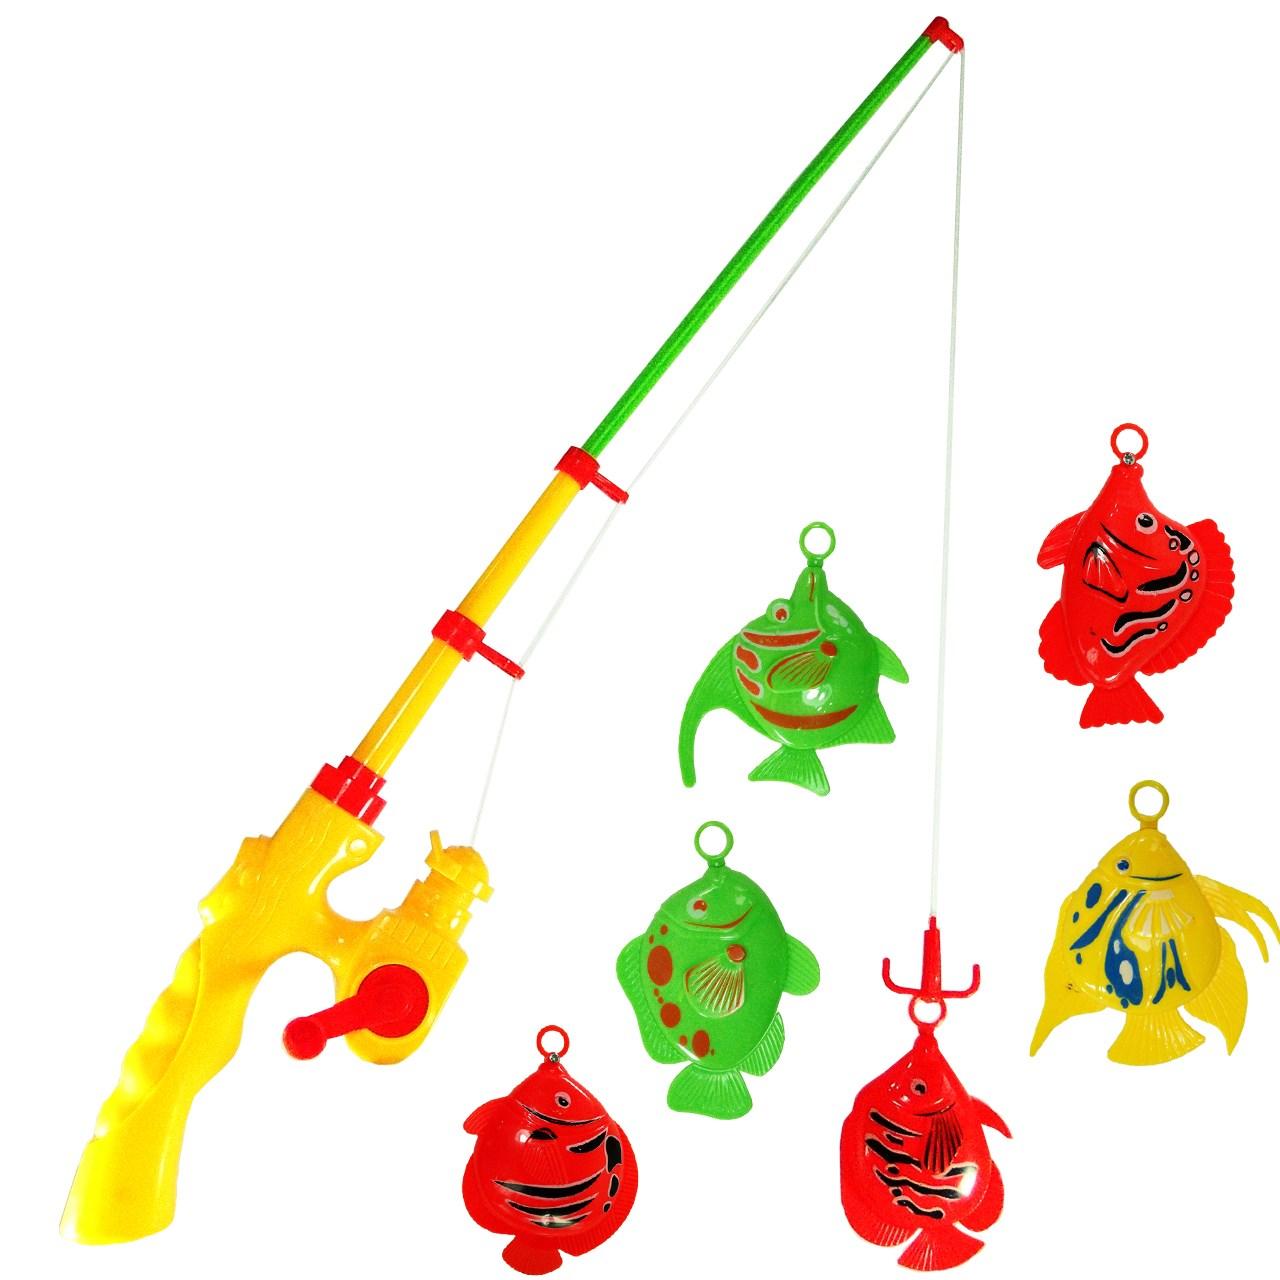 خرید                     بازی آموزشی ماهیگیری مدل 35962 به همراه یک عدد مجسمه ماهی نمدی طرح wing fish